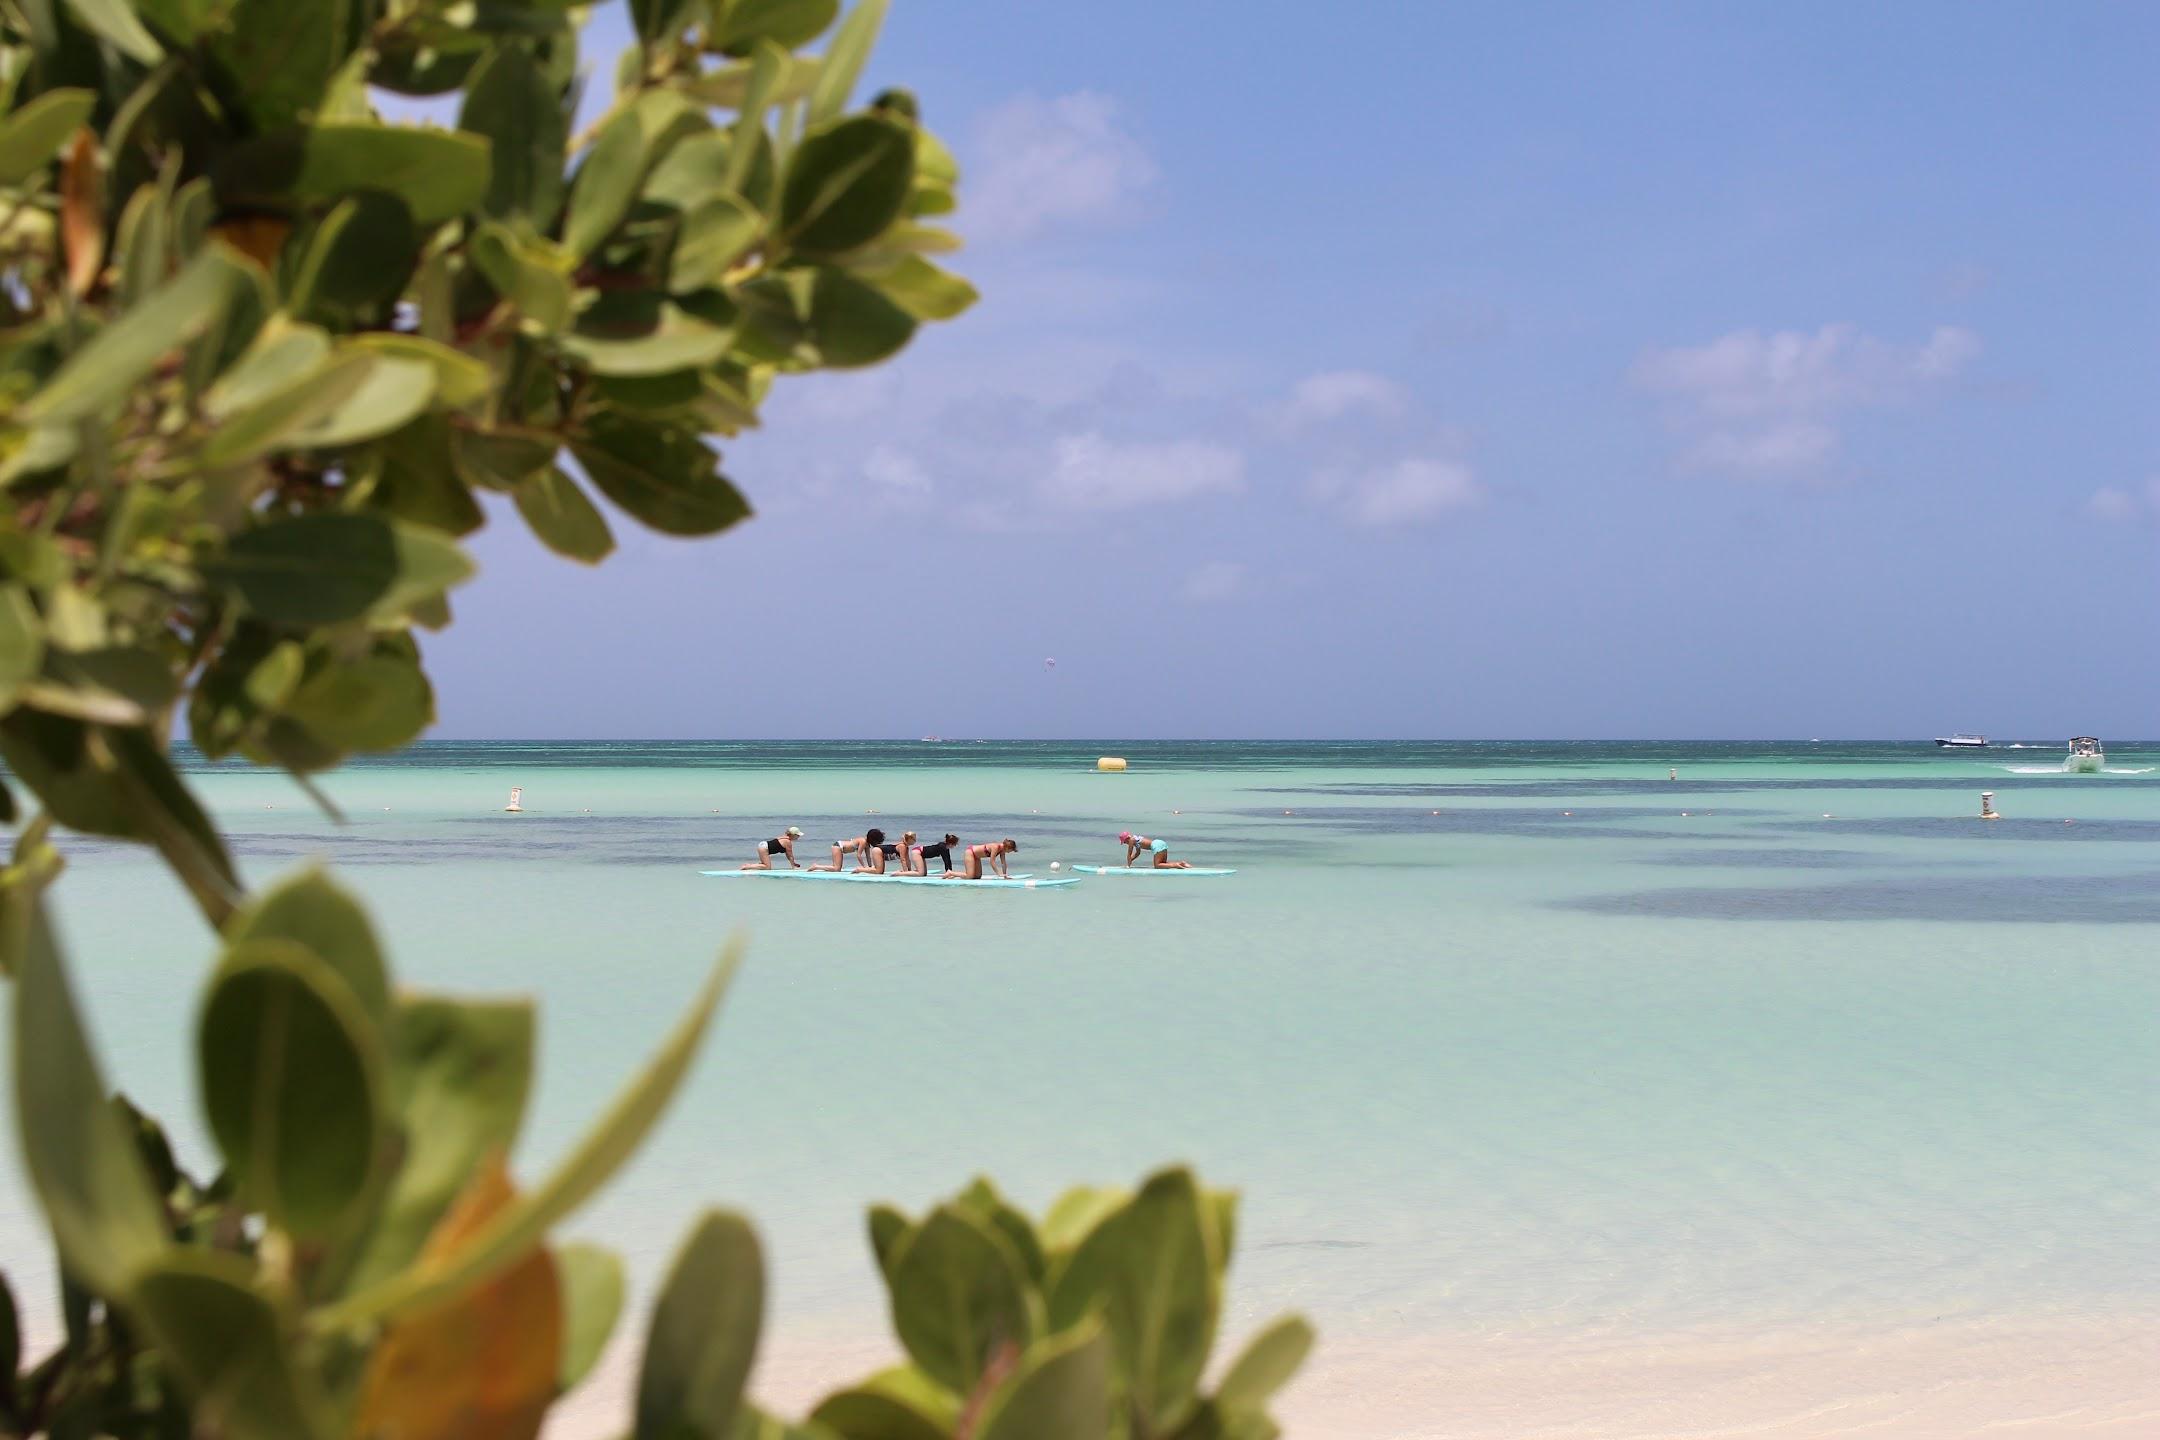 Esto es Yoga en Playa Las Coloradas en la costa Caribeña de Panamá